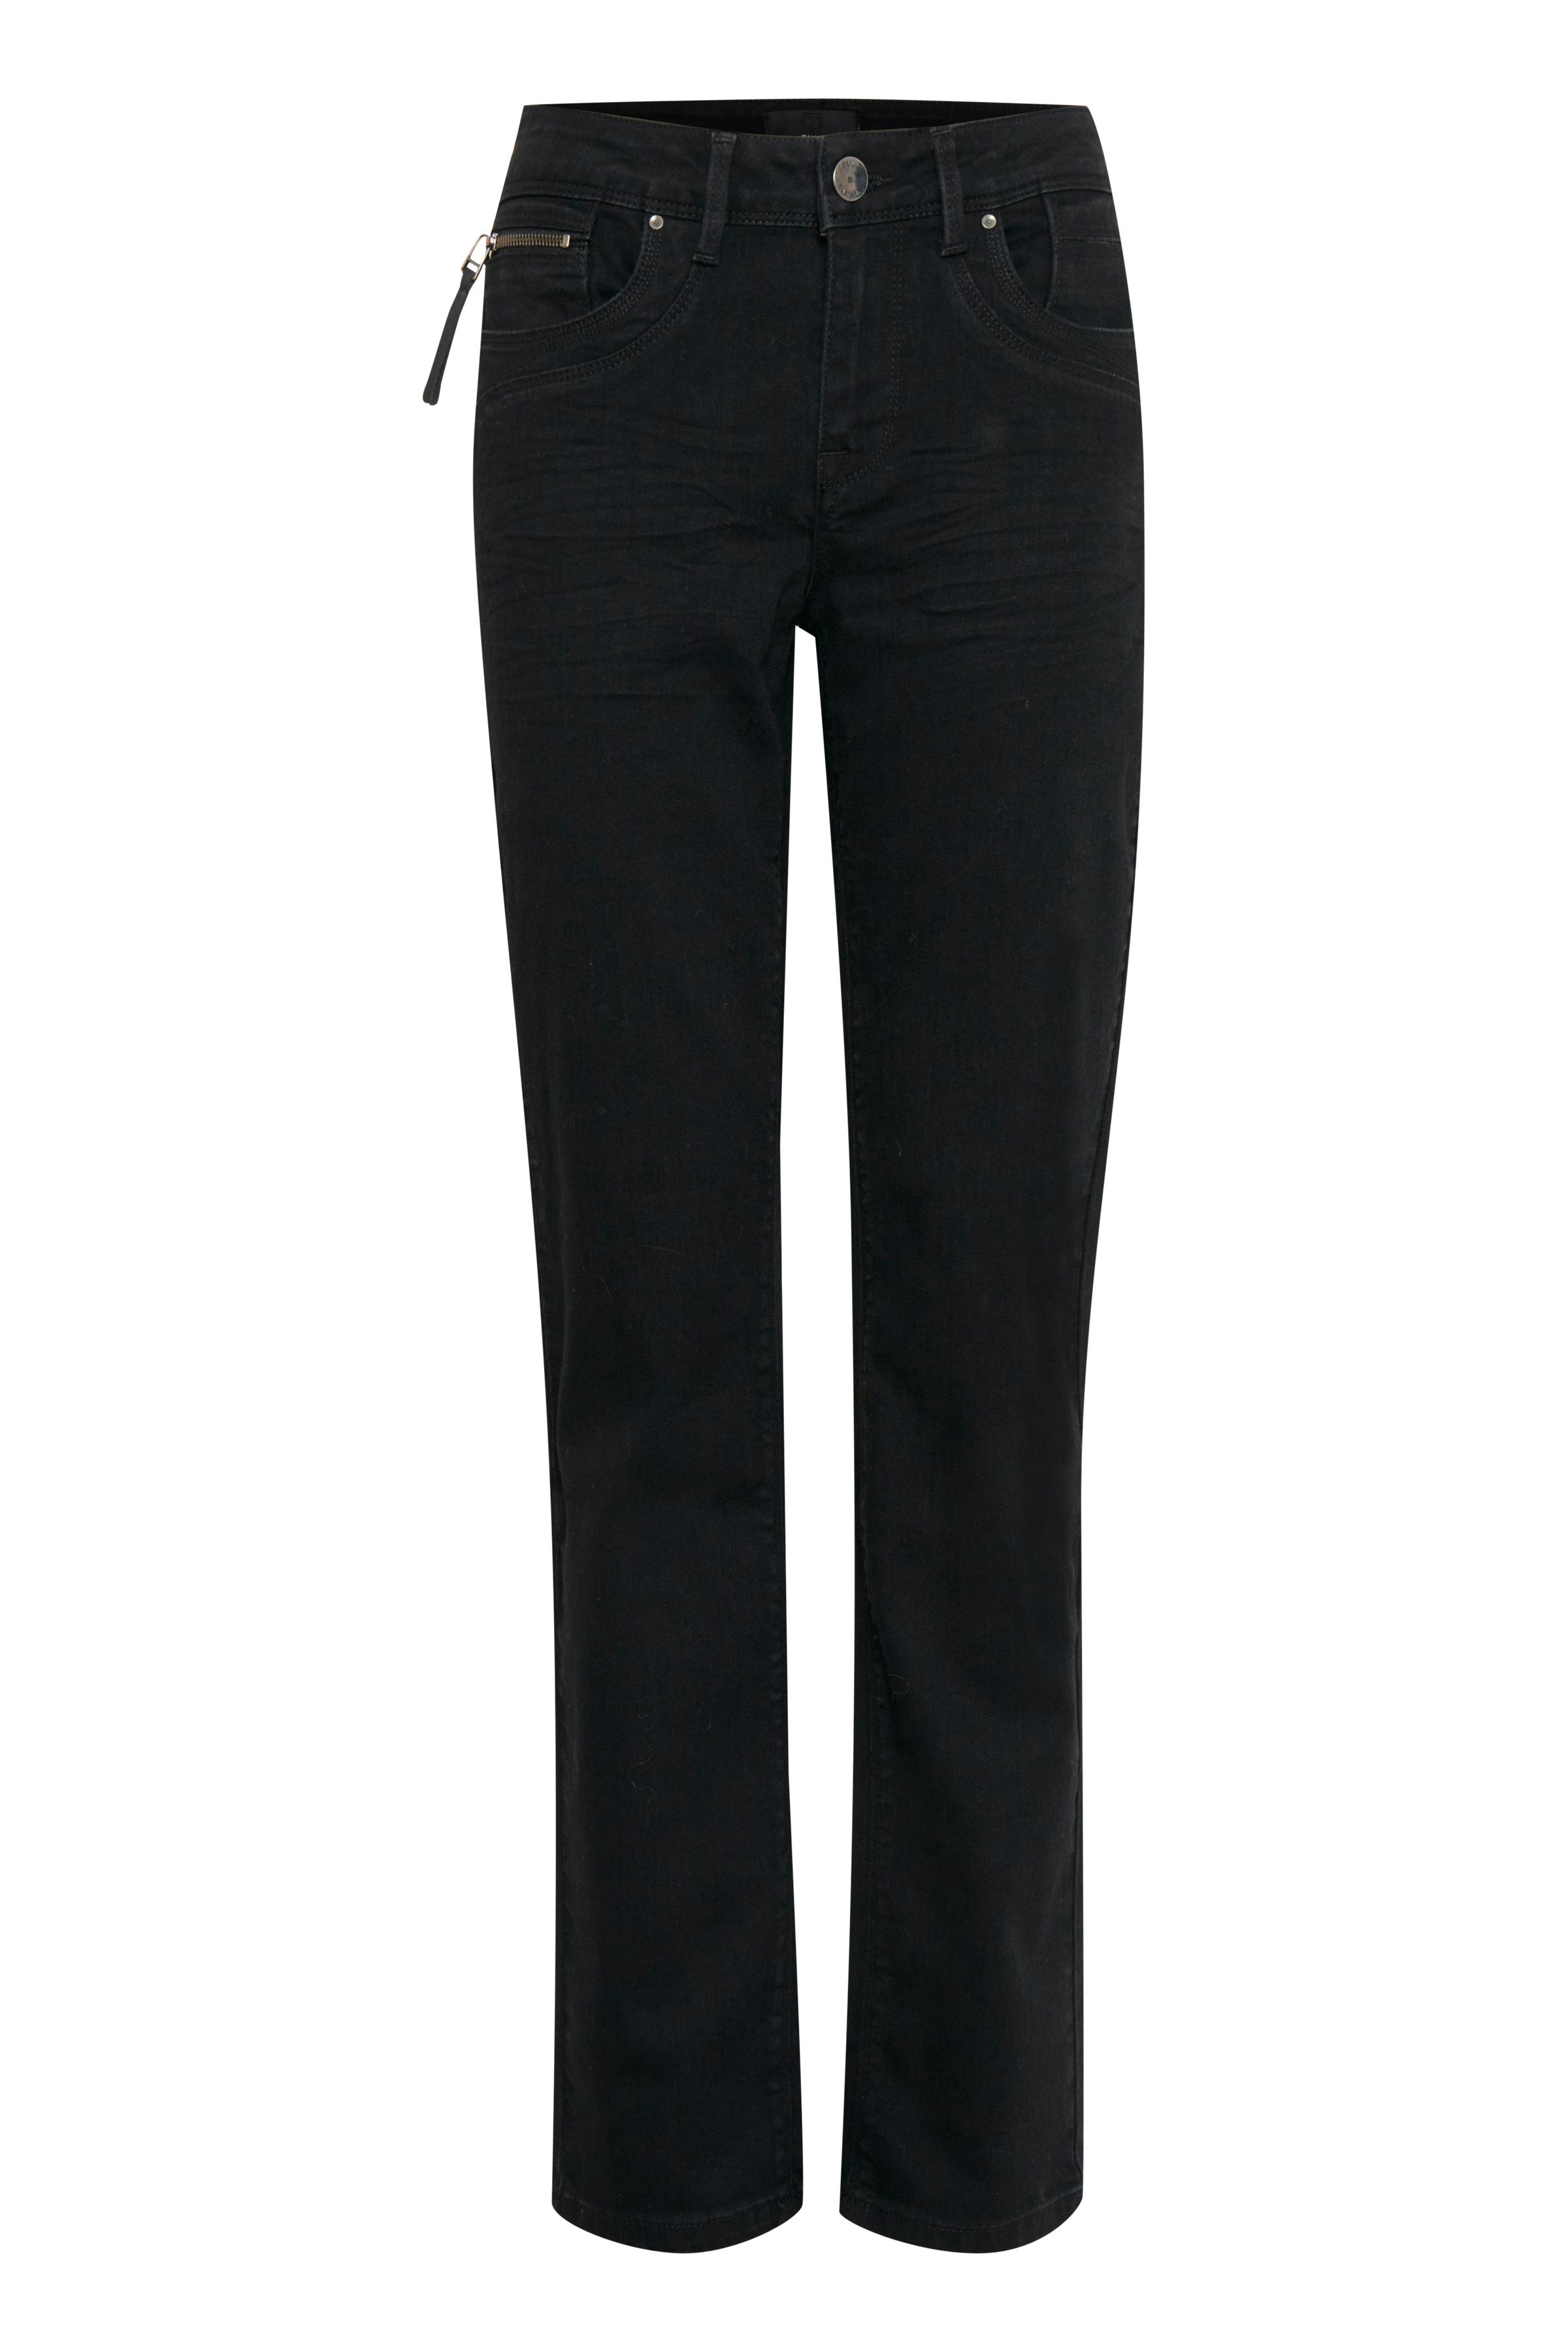 Image of Pulz Jeans Dame Jeans - Sort denim